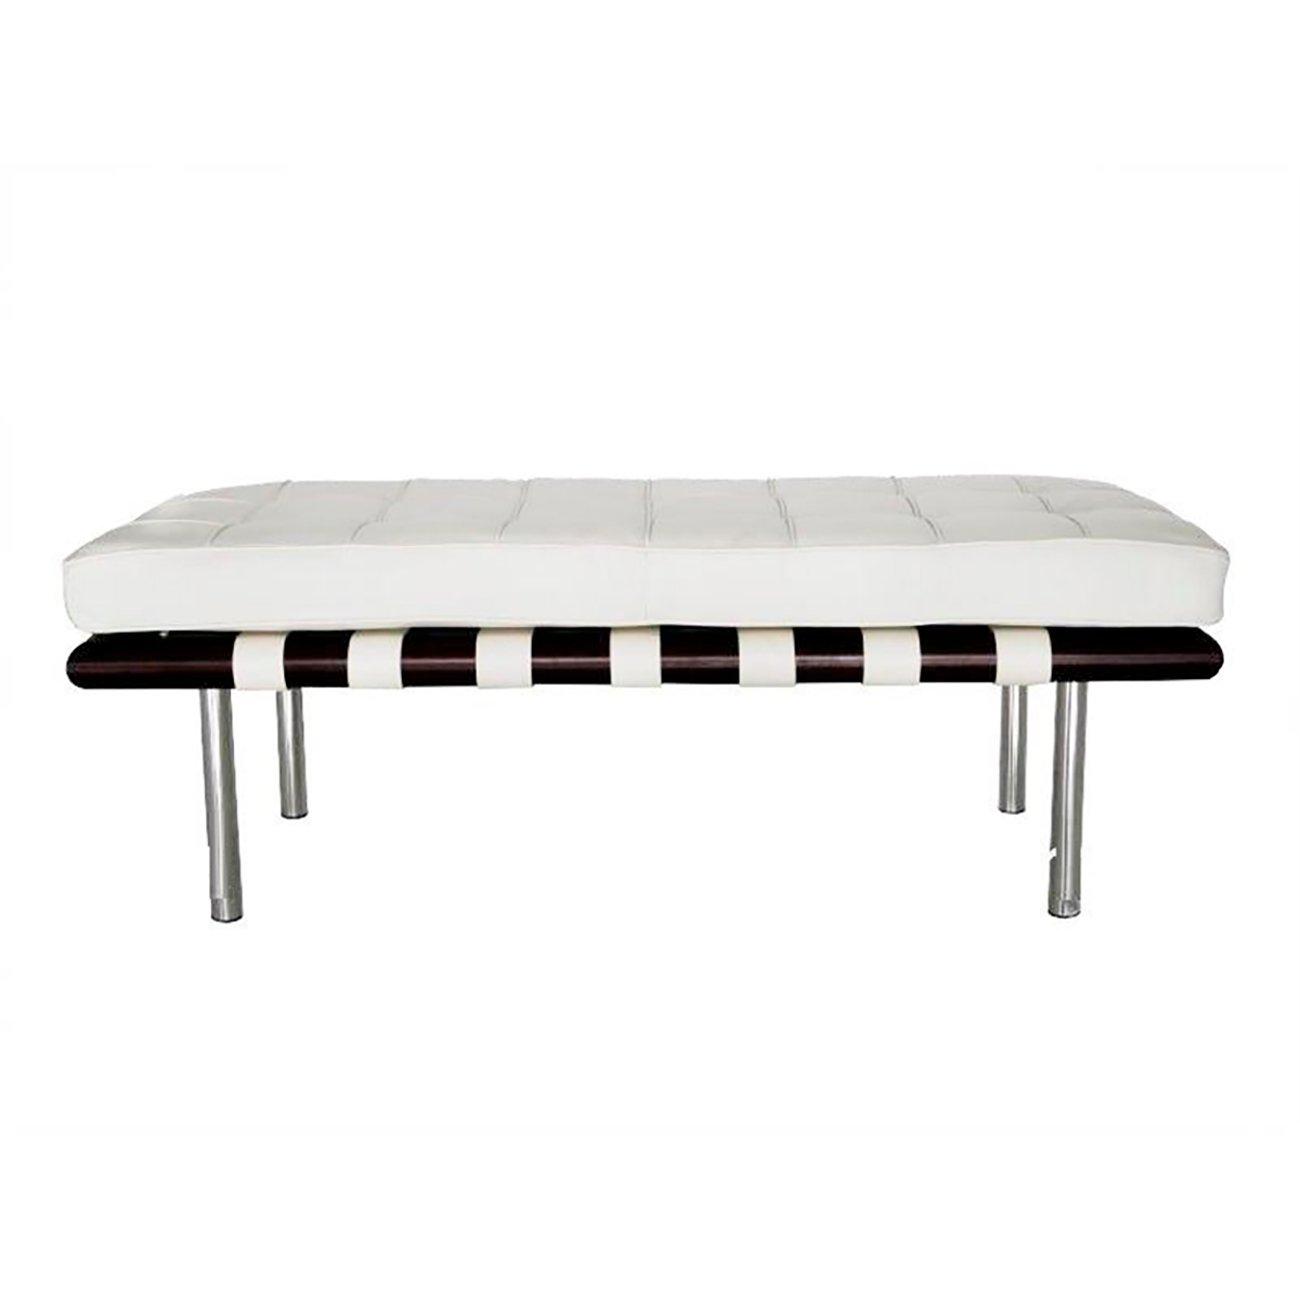 Купить Кушетка Barcelona Белая Экокожа в интернет магазине дизайнерской мебели и аксессуаров для дома и дачи